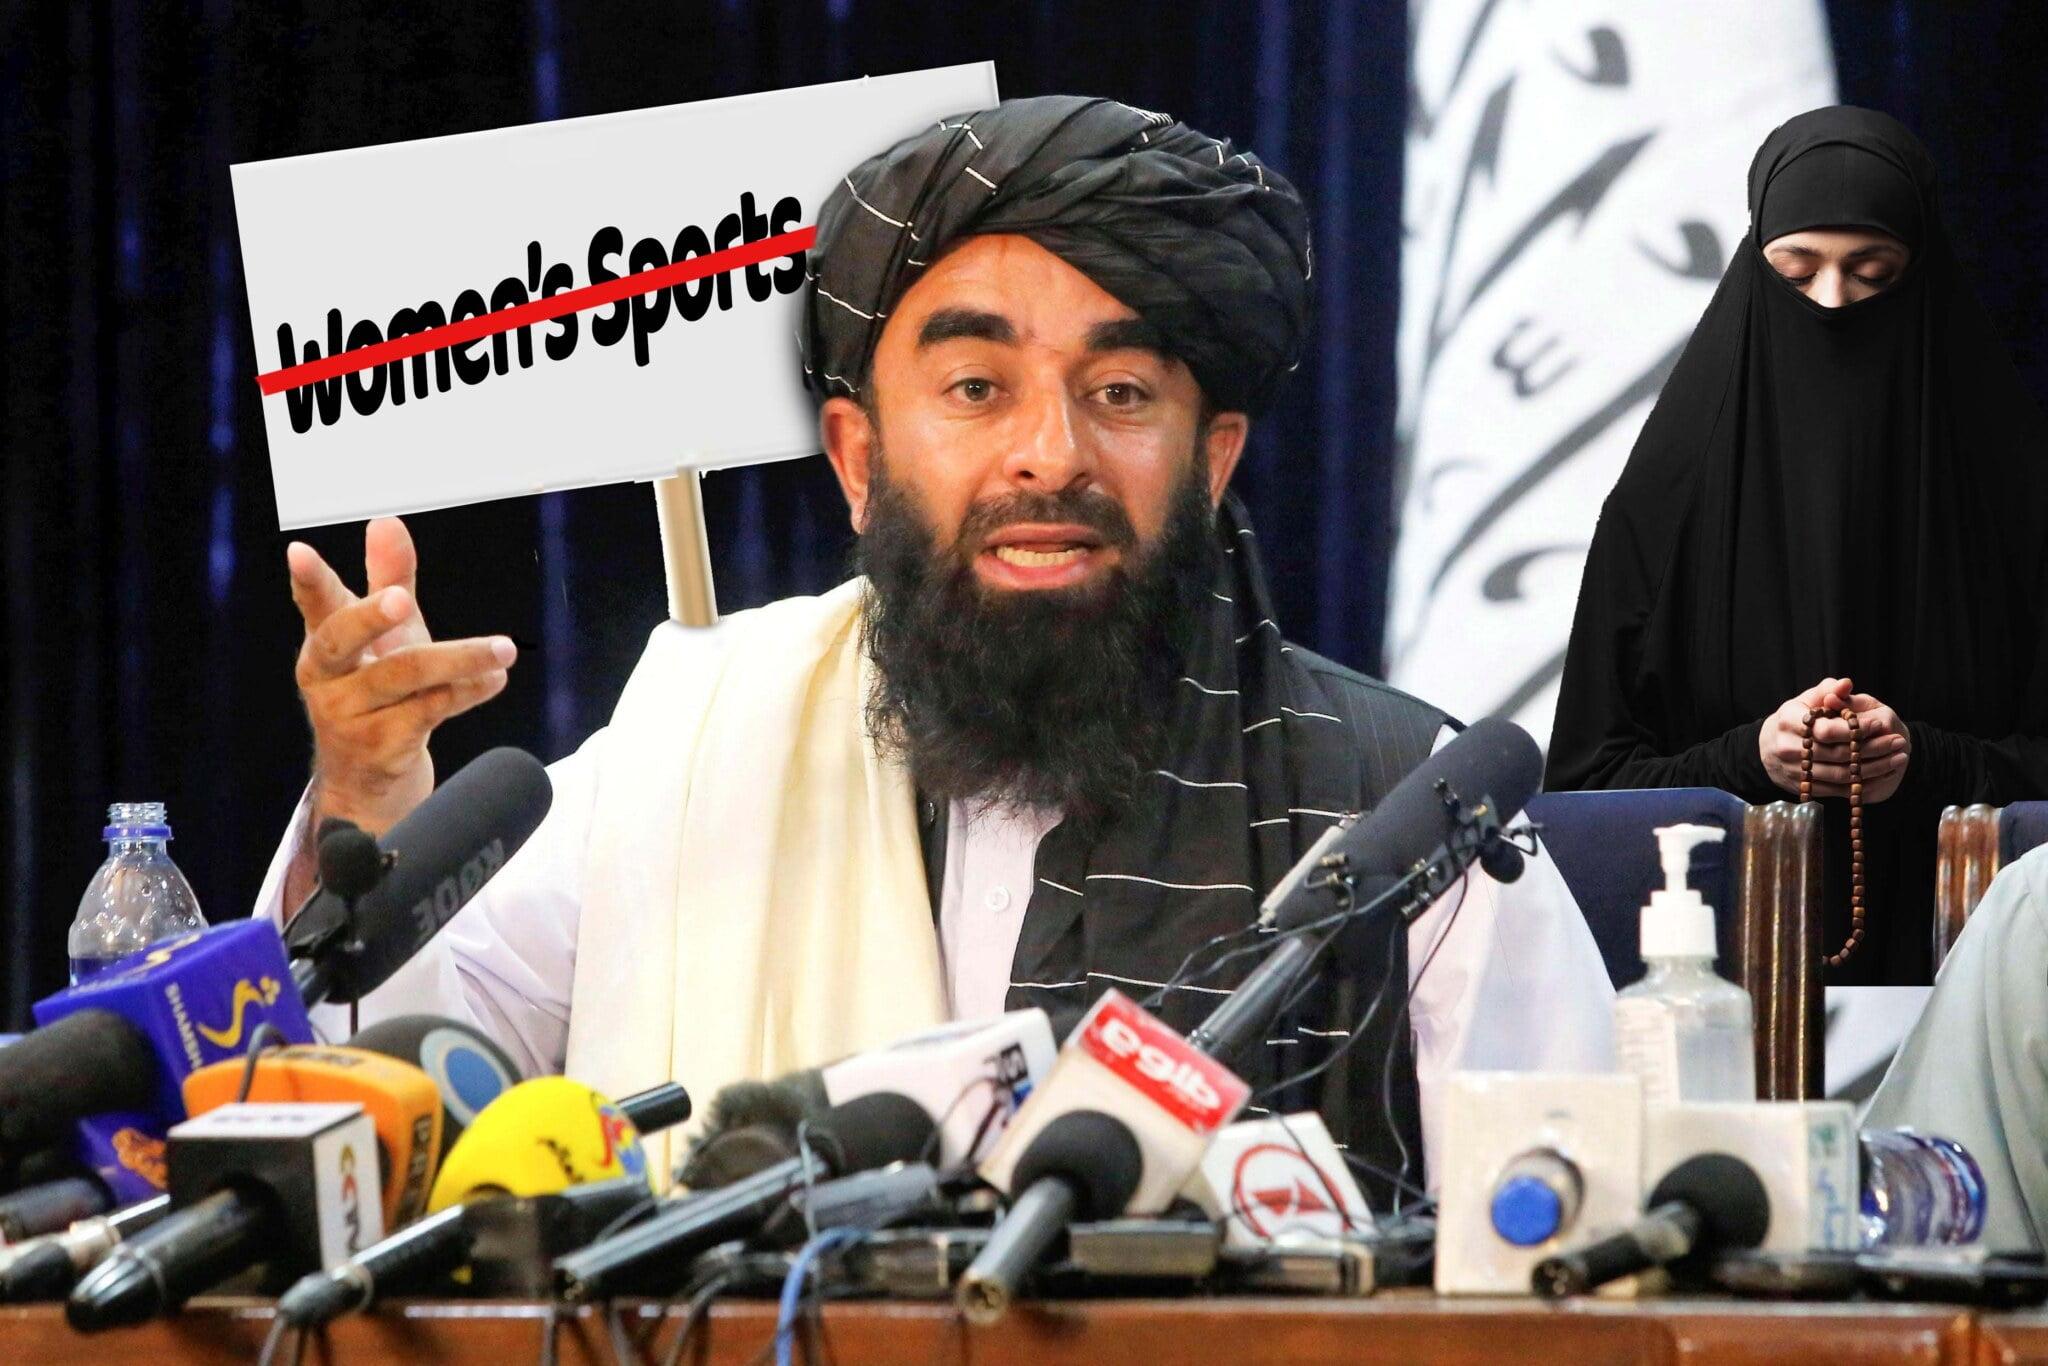 Gleichberechtigung: Taliban verbieten biologische Männer und biologische Frauen die Teilnahme an Frauensport